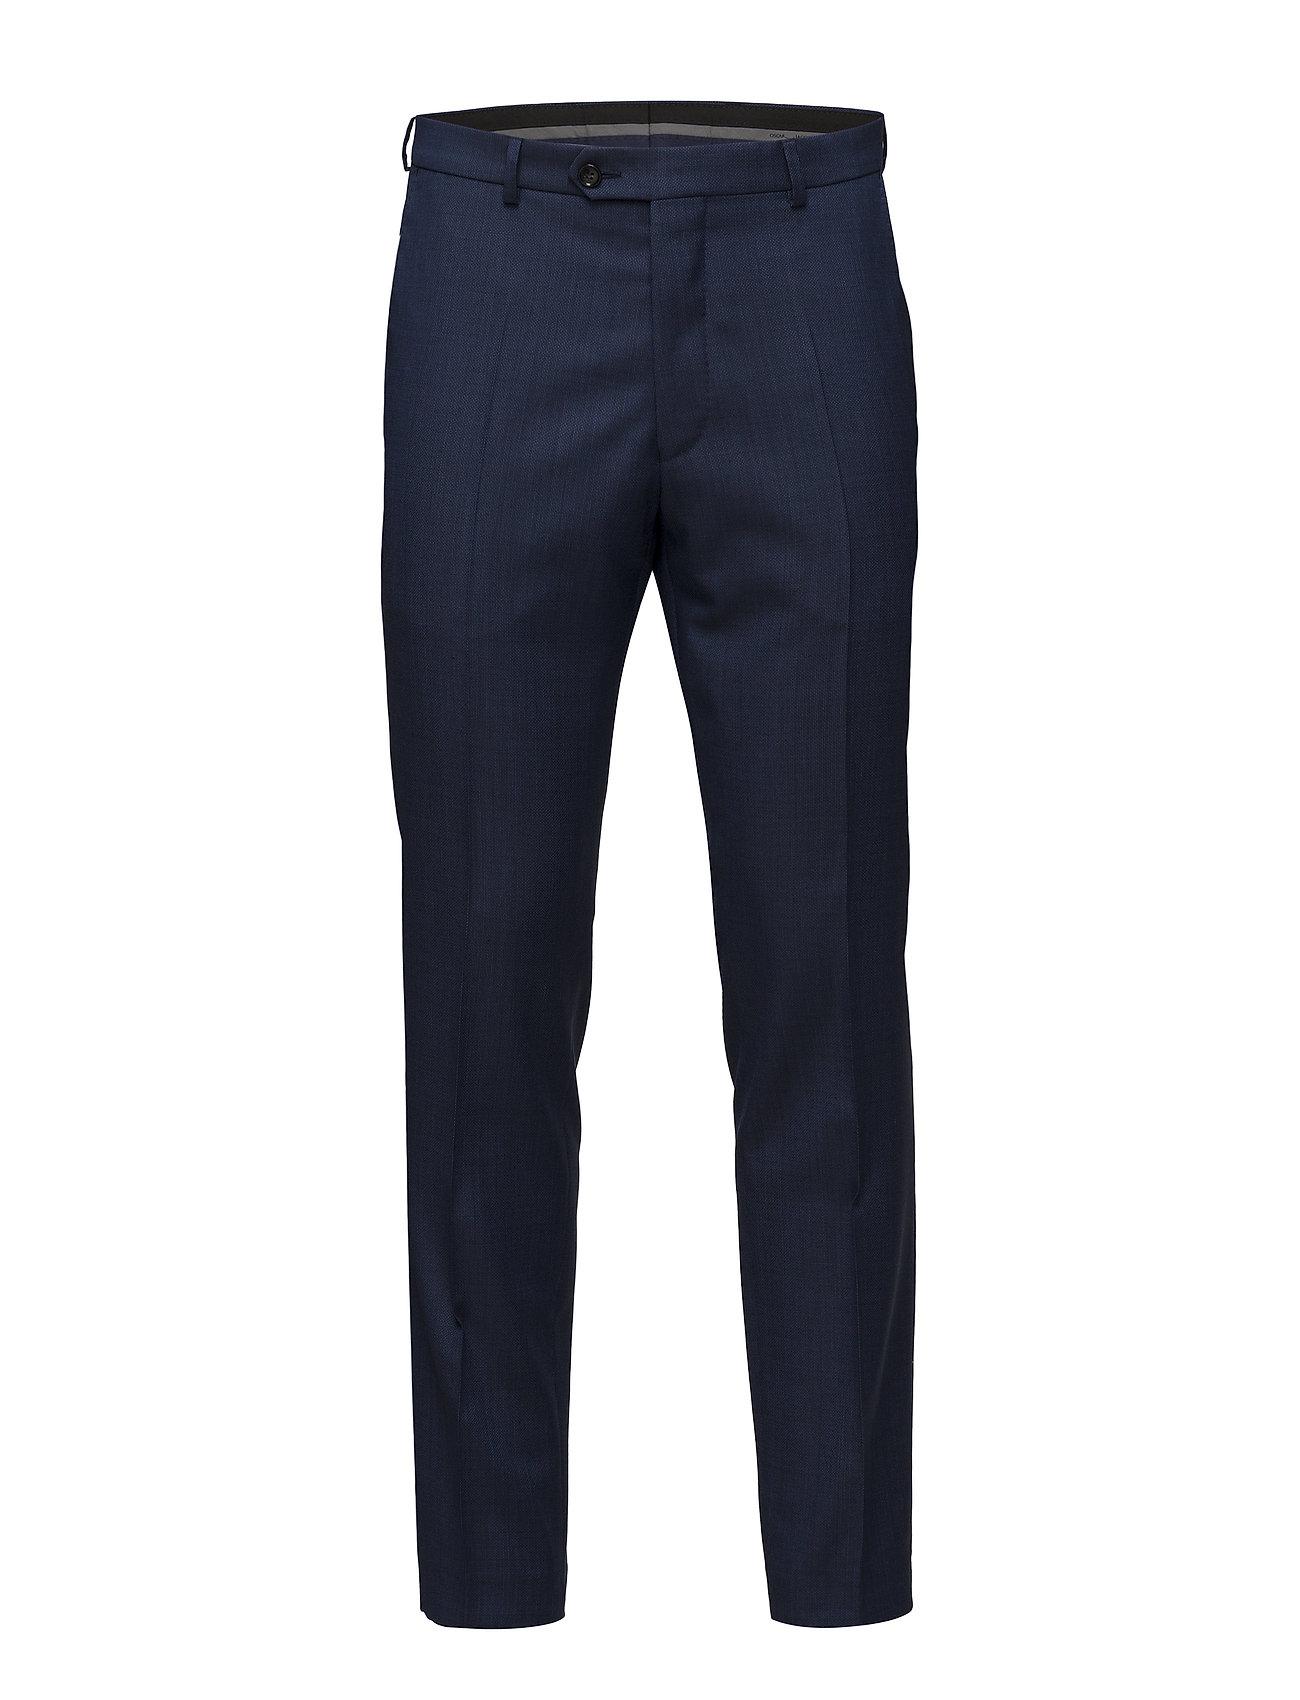 Oscar Jacobson Denz Trousers - 240 - BLUE